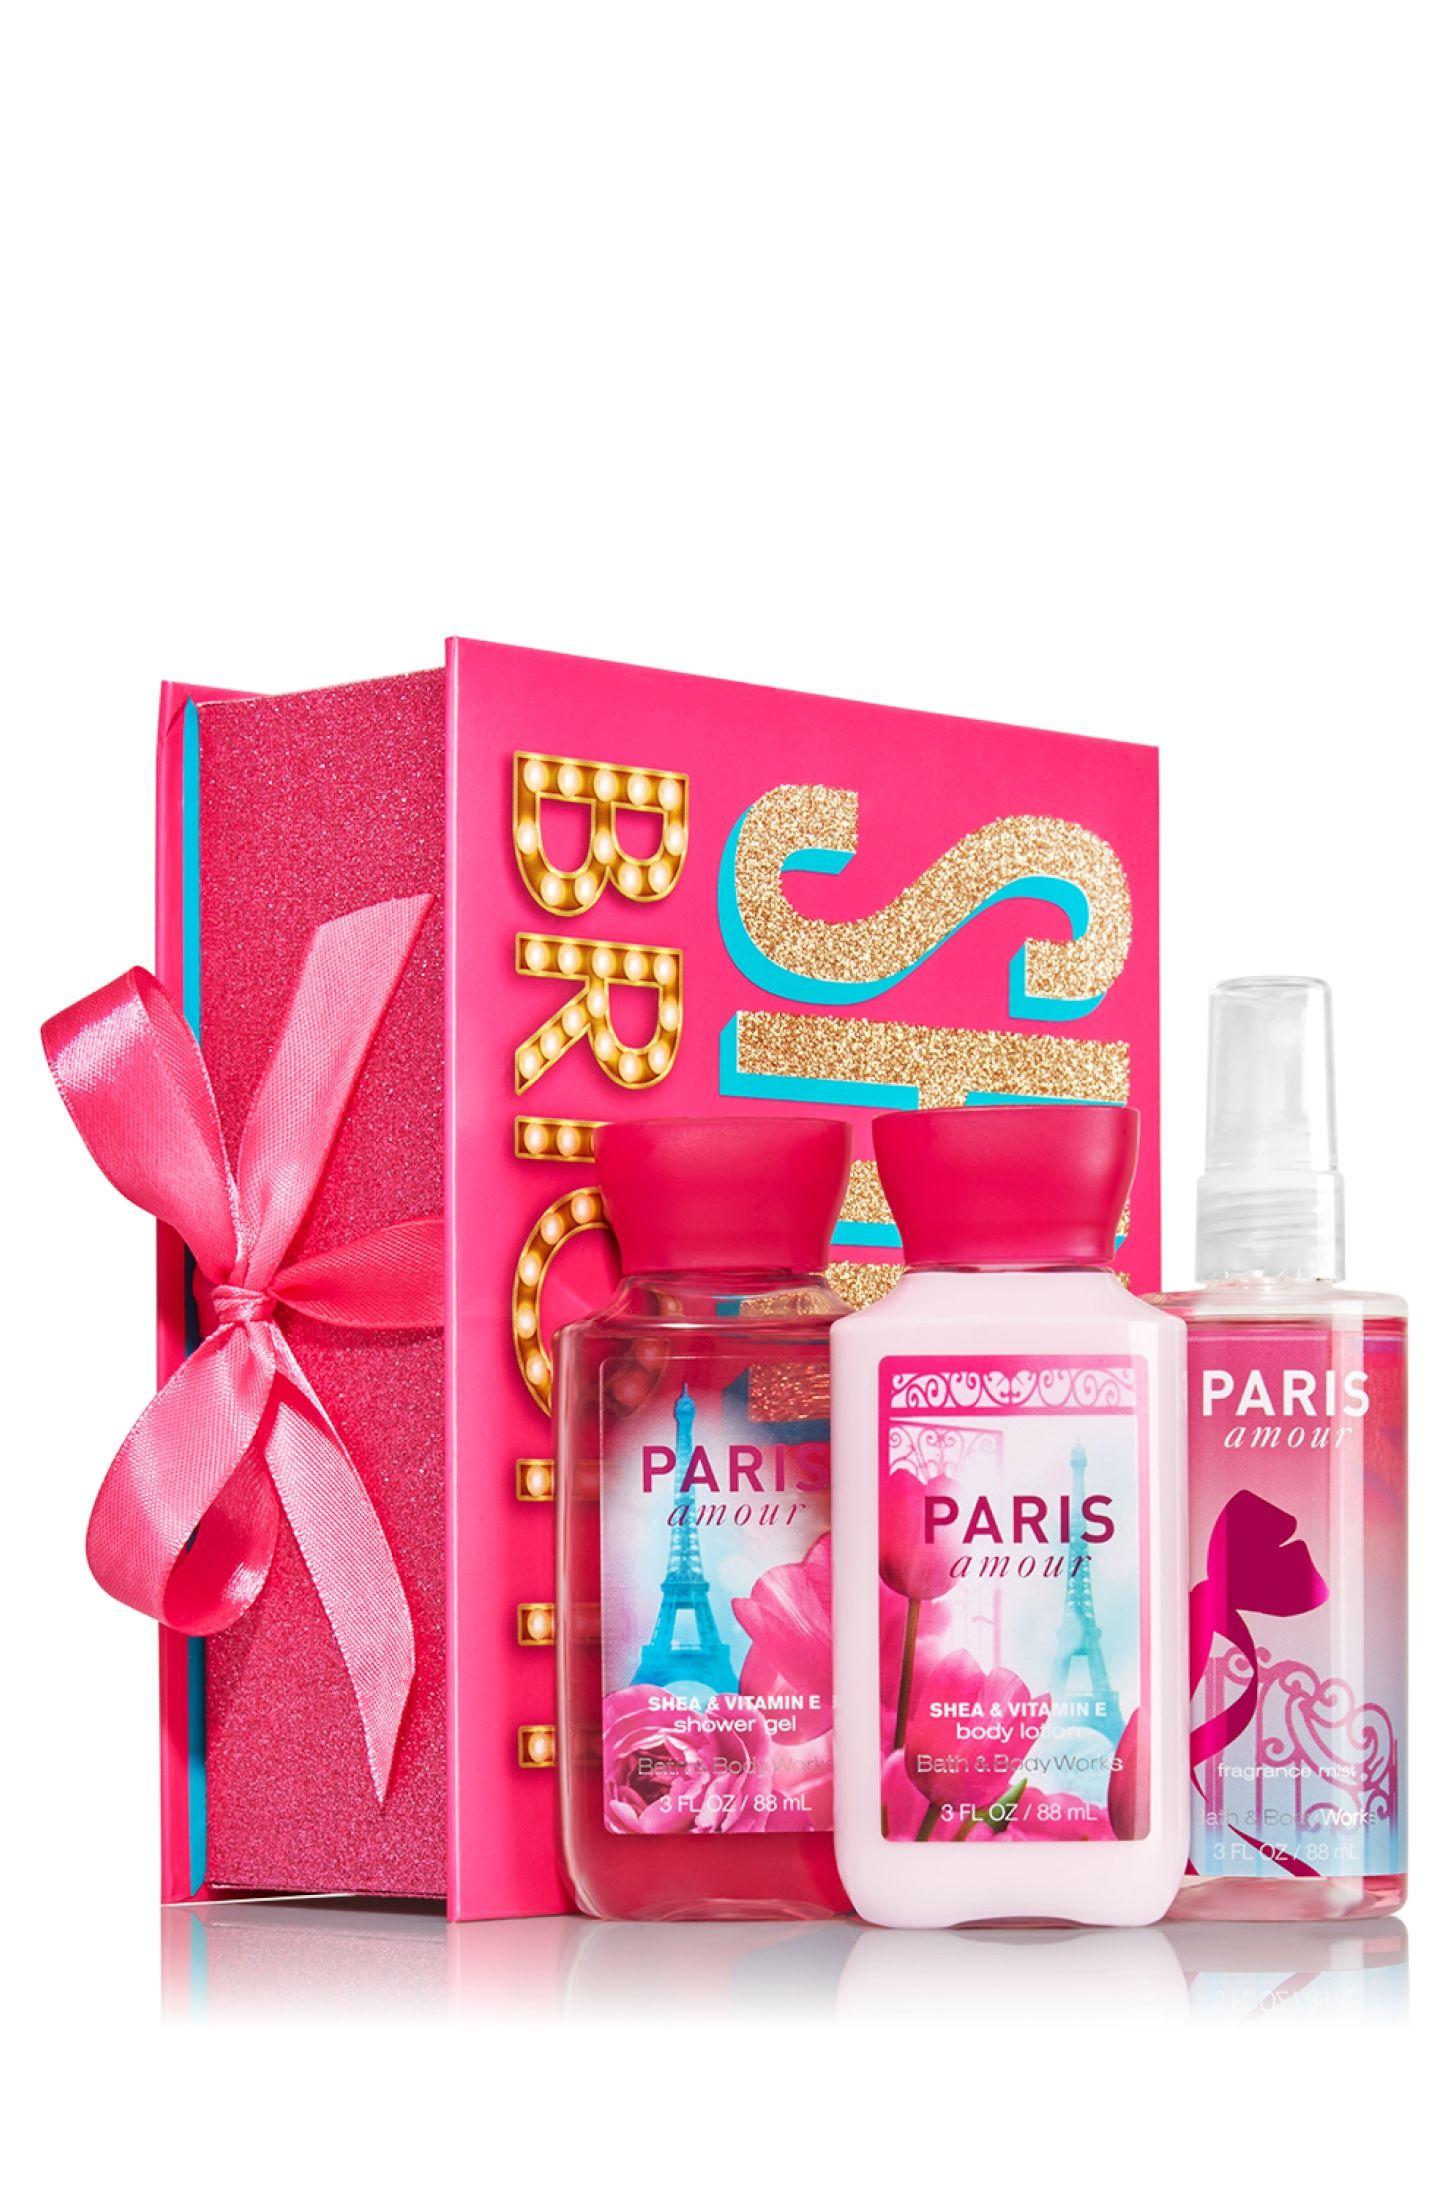 Paris amour mini merry bright gift set signature